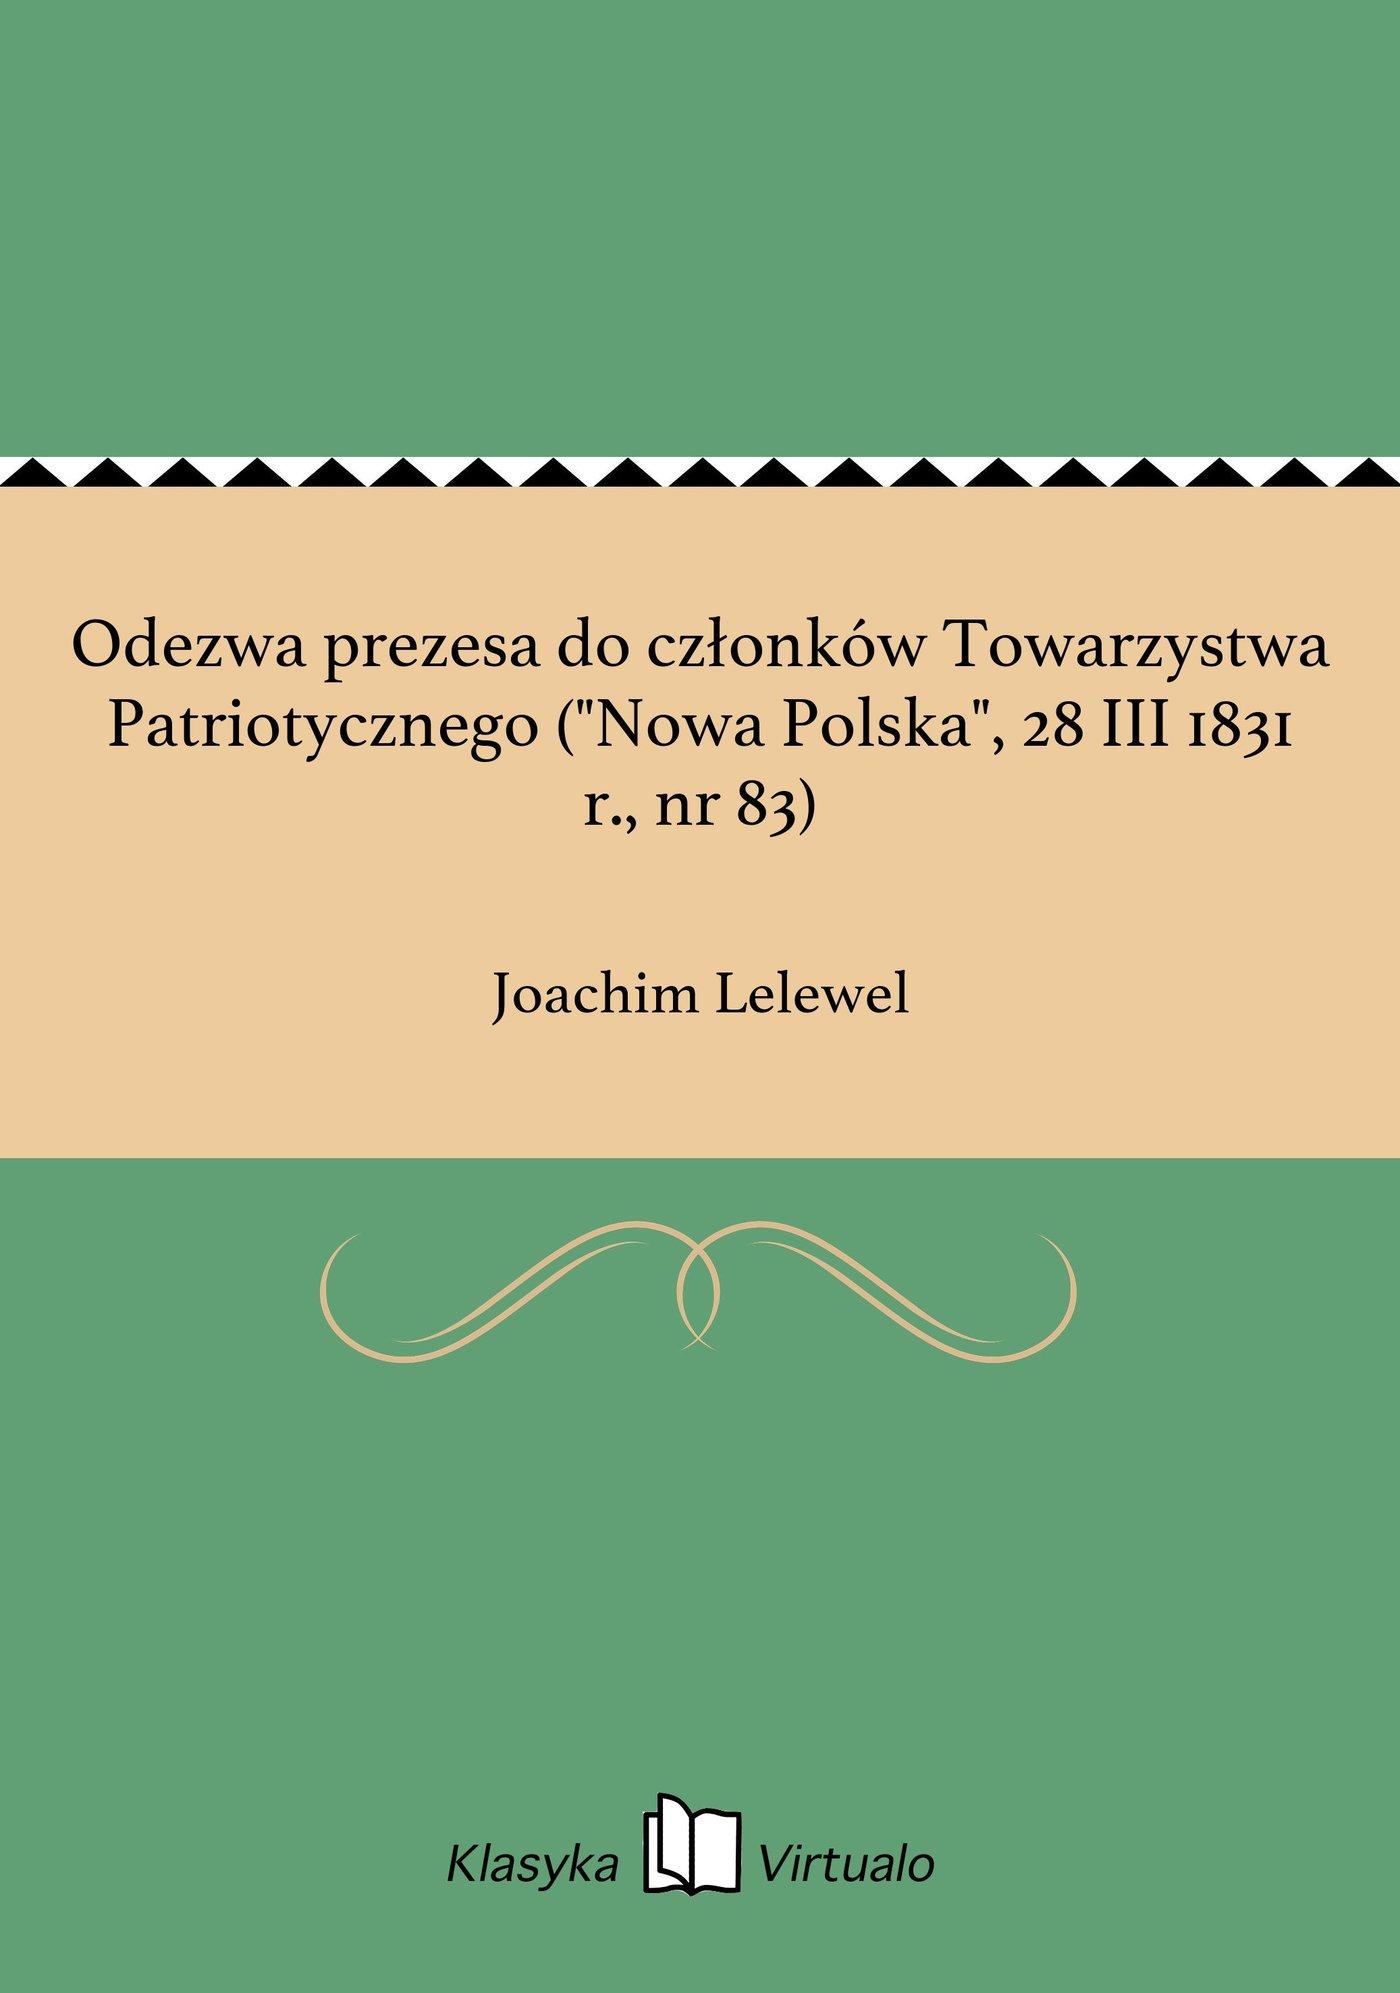 """Odezwa prezesa do członków Towarzystwa Patriotycznego (""""Nowa Polska"""", 28 III 1831 r., nr 83) - Ebook (Książka EPUB) do pobrania w formacie EPUB"""